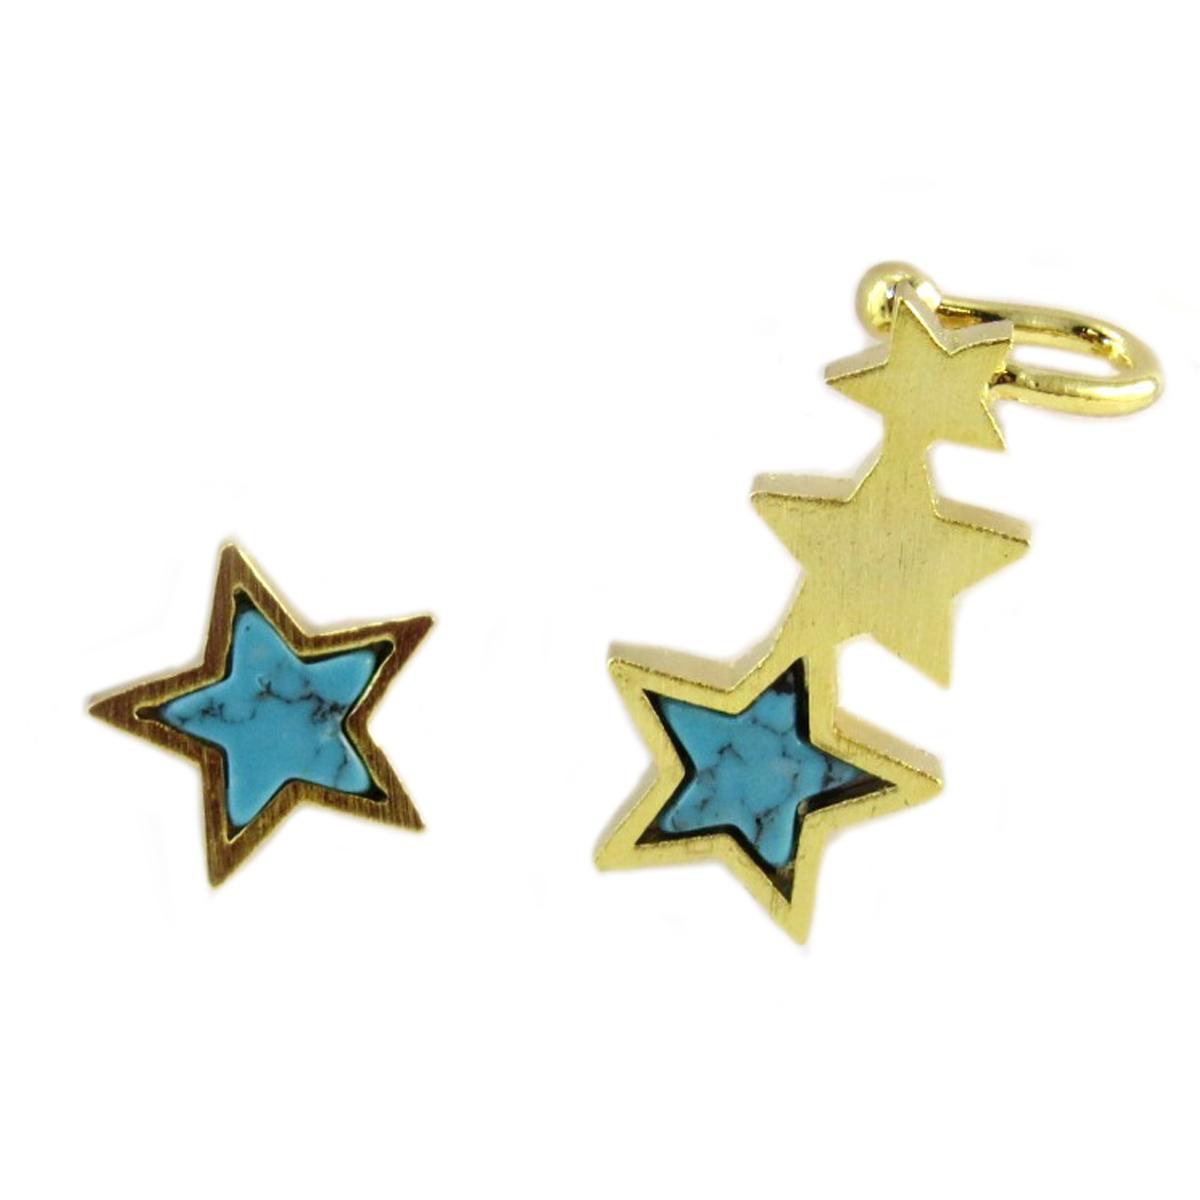 Boucle bague oreille artisanales \'Une Etoile est Née\' turquoise doré - 10 mm - [Q6236]